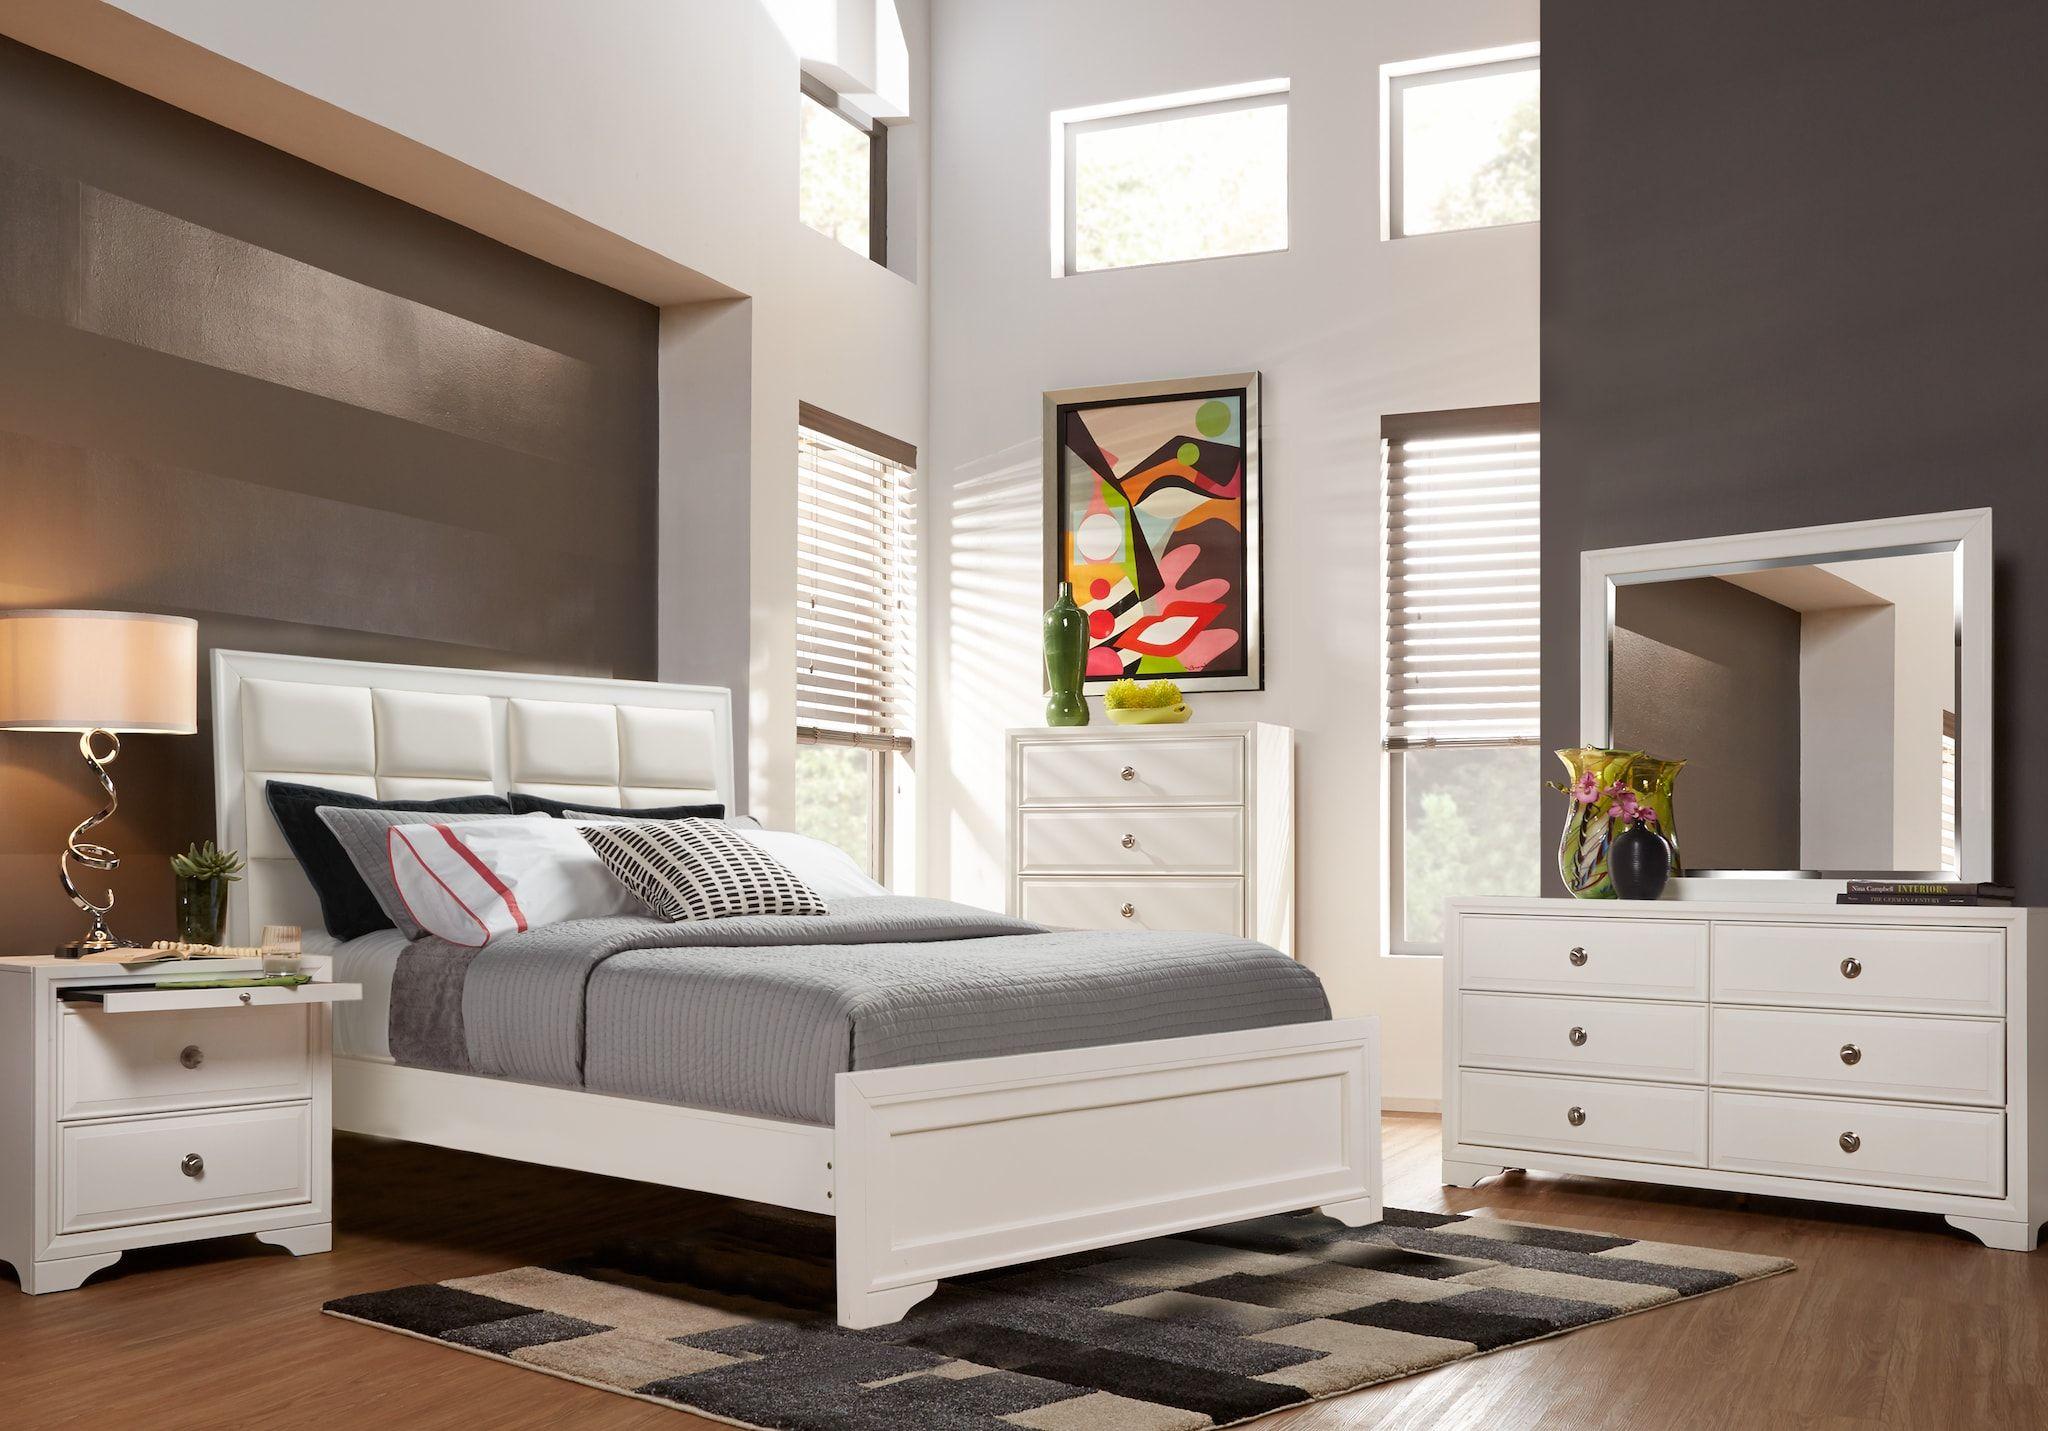 Best King Size Bedroom Sets Suites For Sale Bedroom Sets 640 x 480